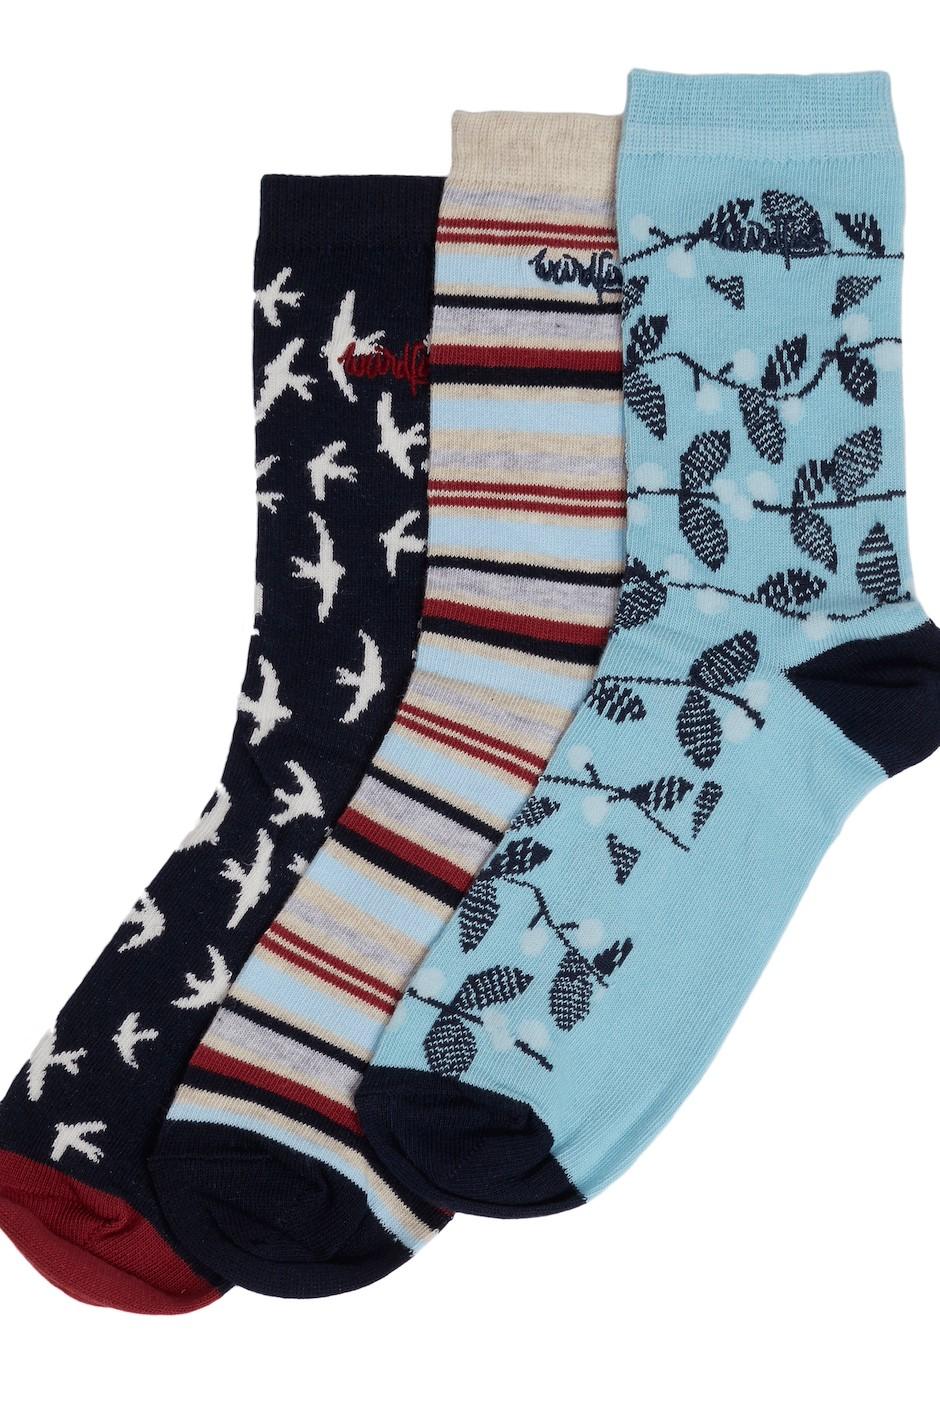 Parade Socks Smoked Blue